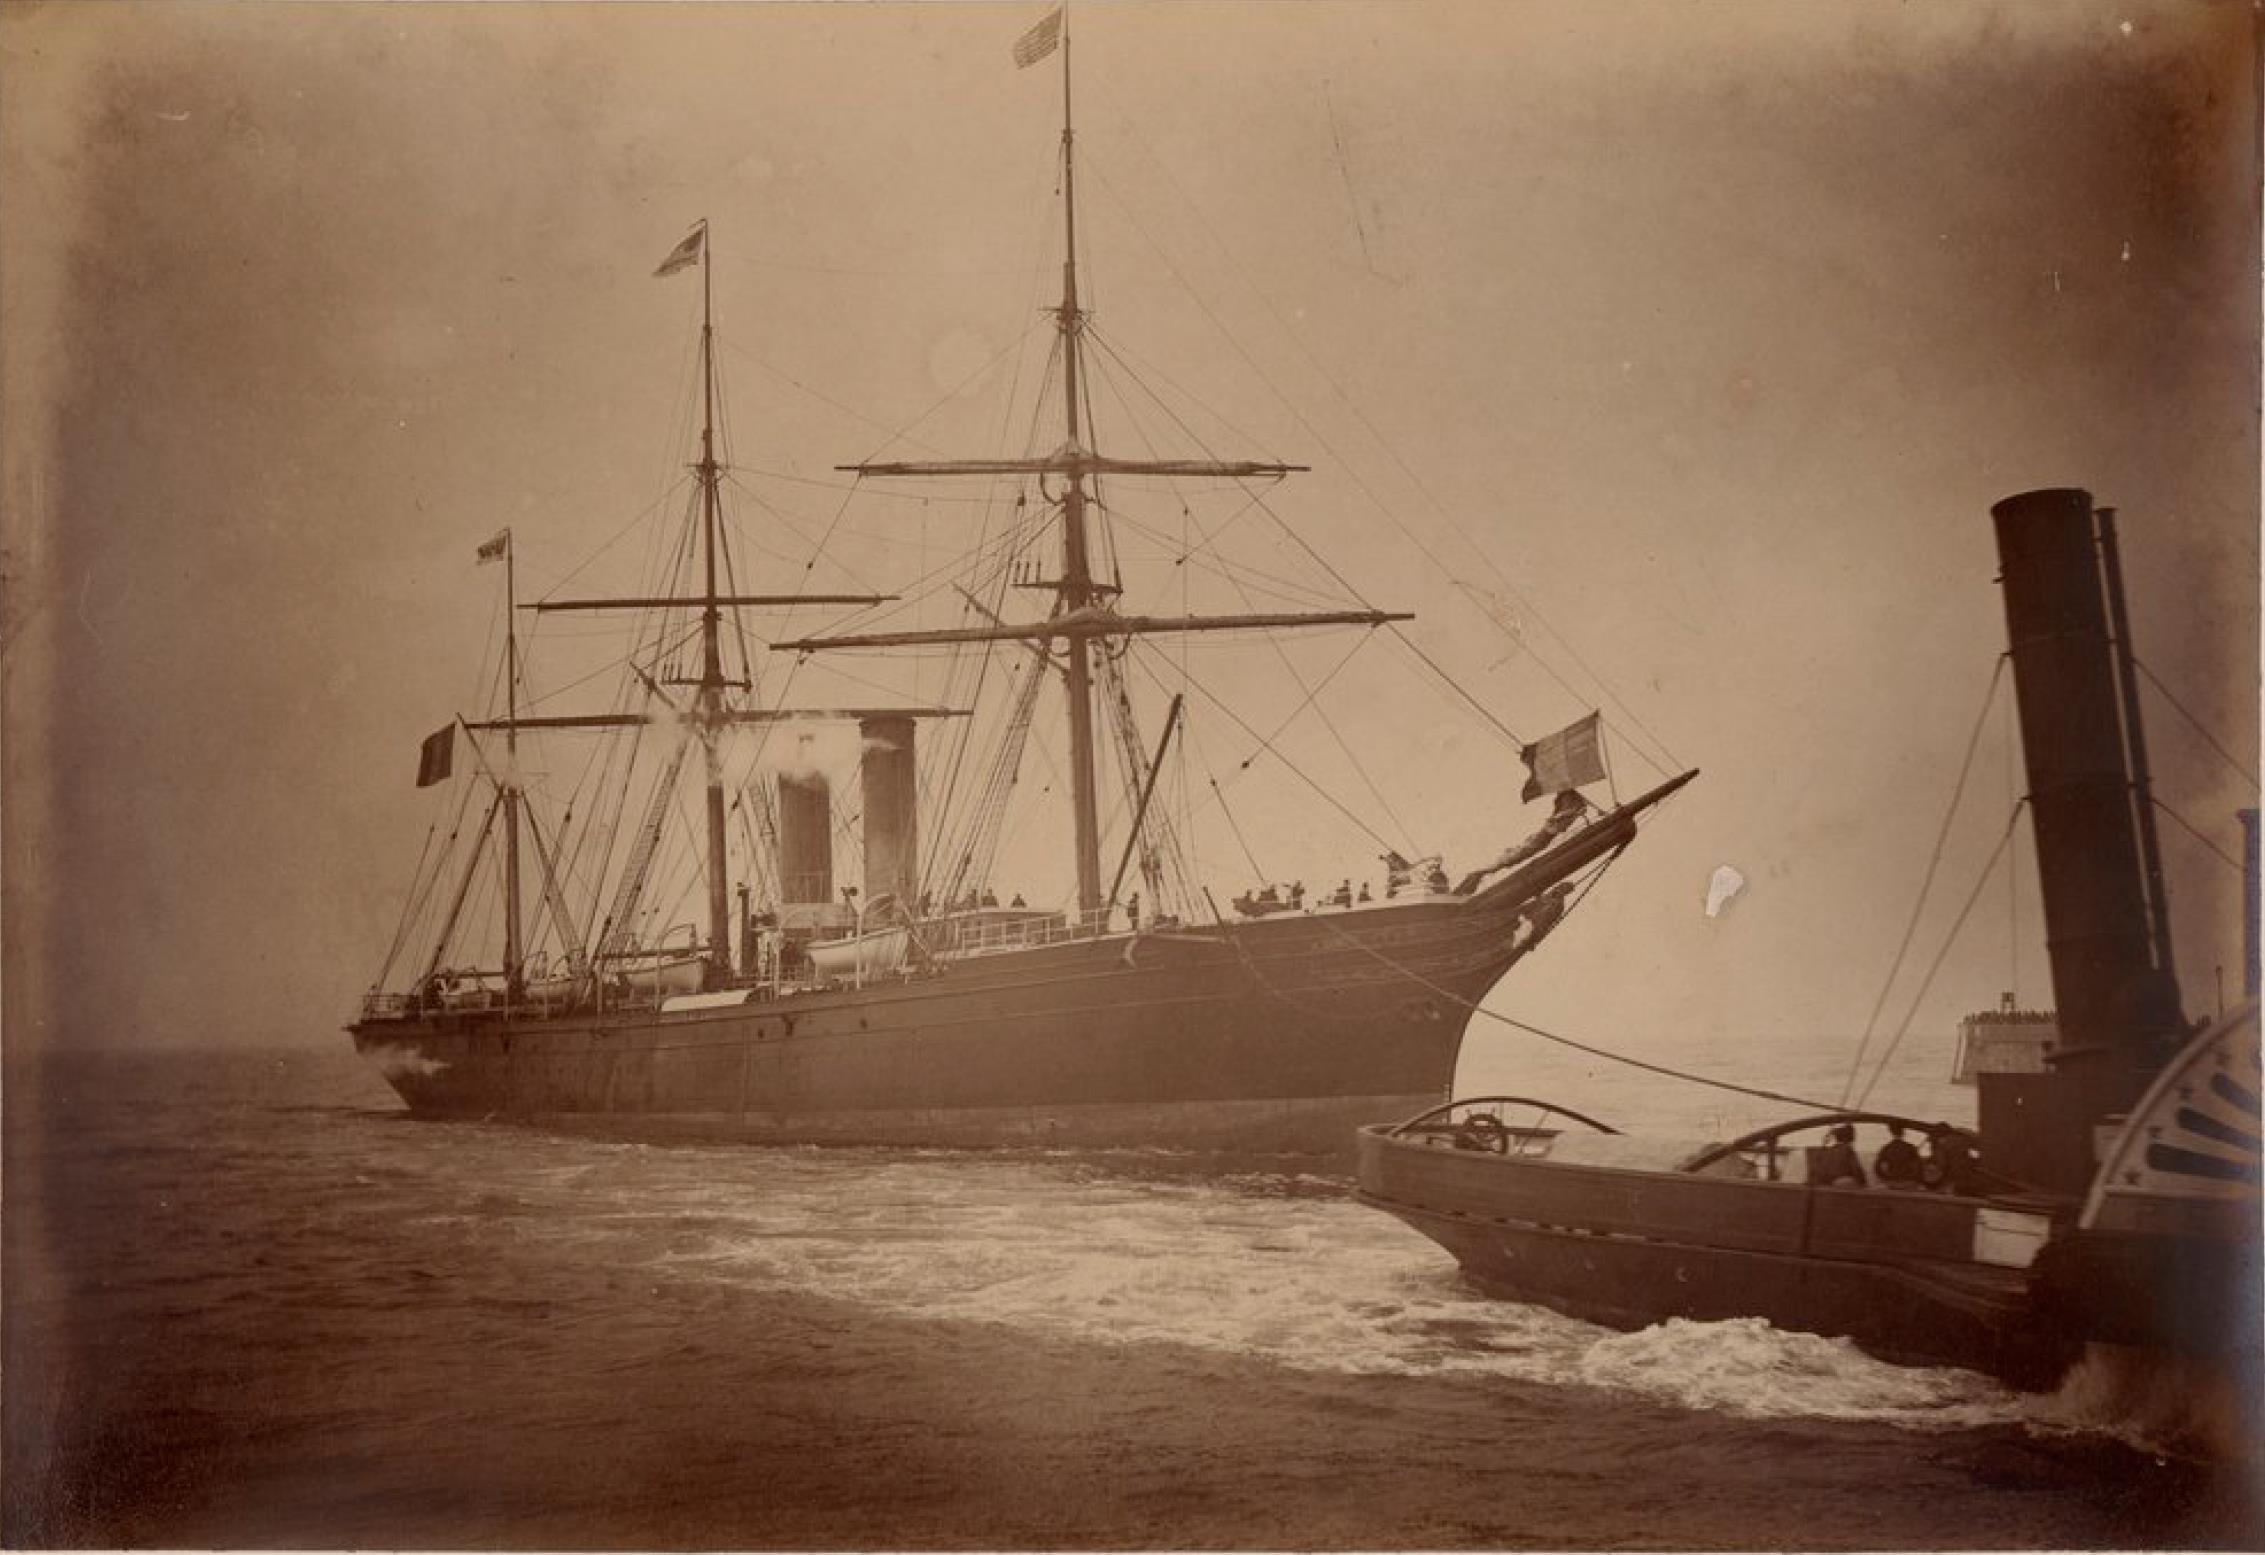 Компания «Chargeurs Reunis». Гавр. Почтовое судно «Перейра». Линия Гавр - Нью-Йорк